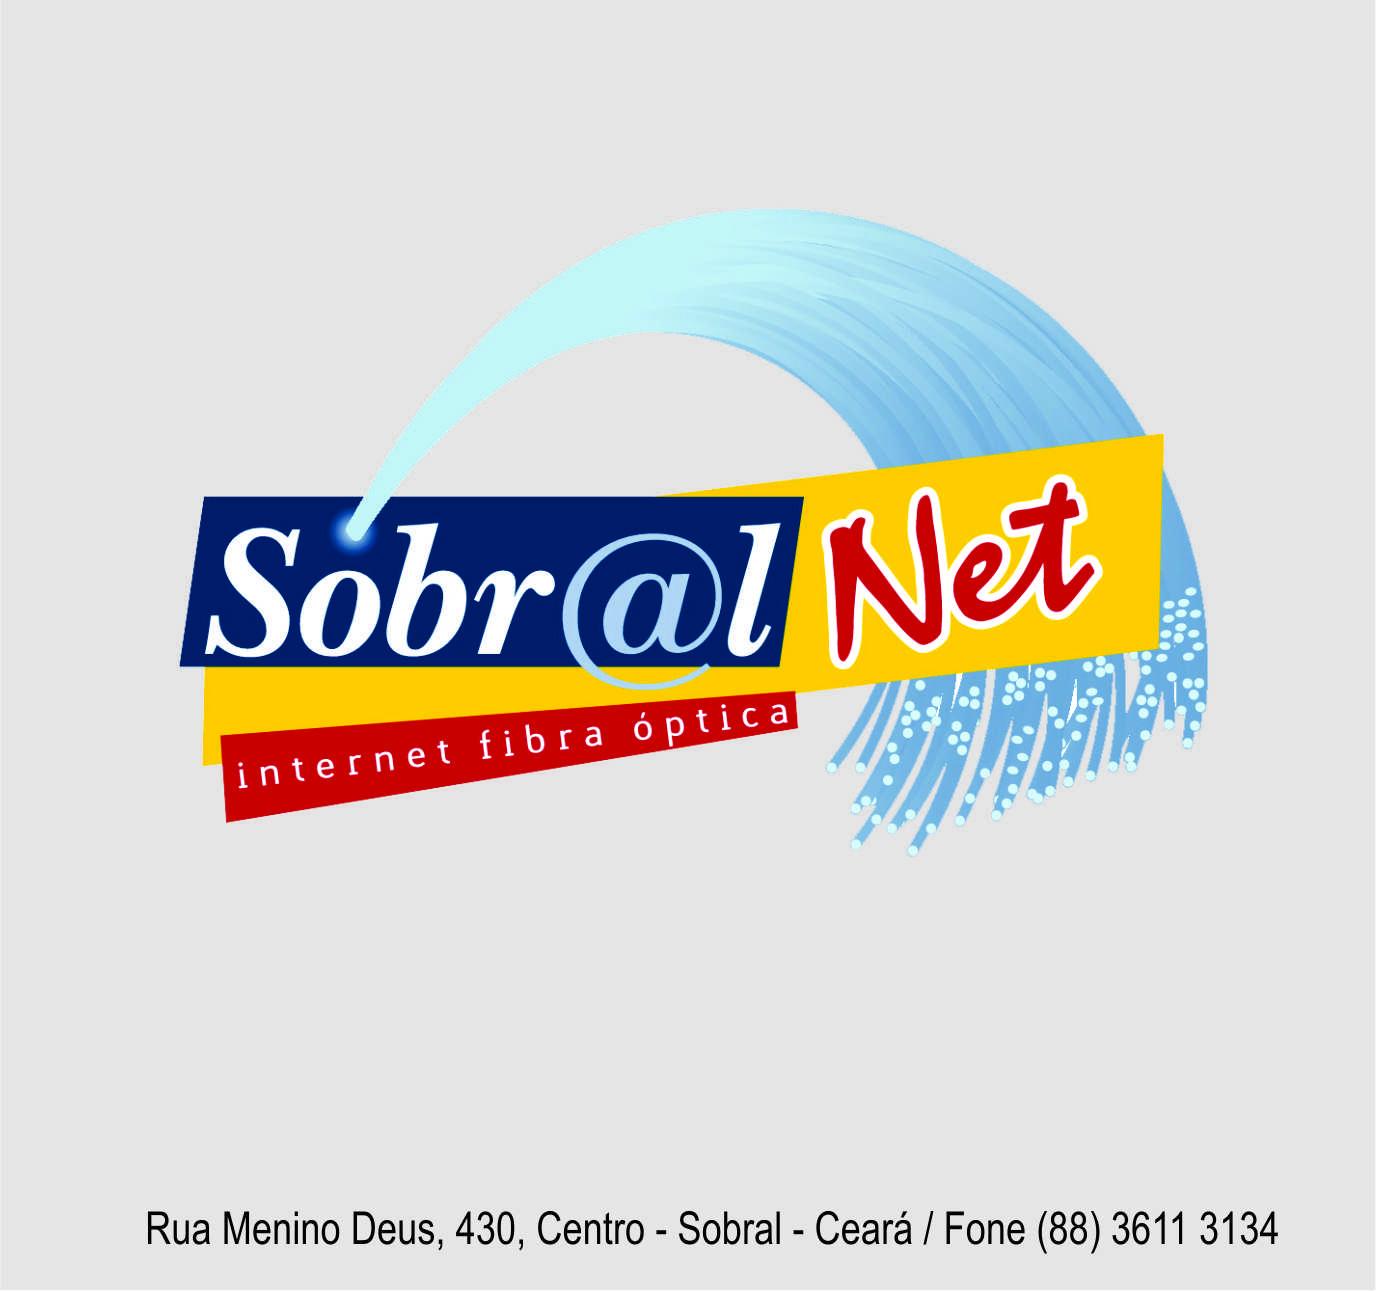 SOBRAL NET